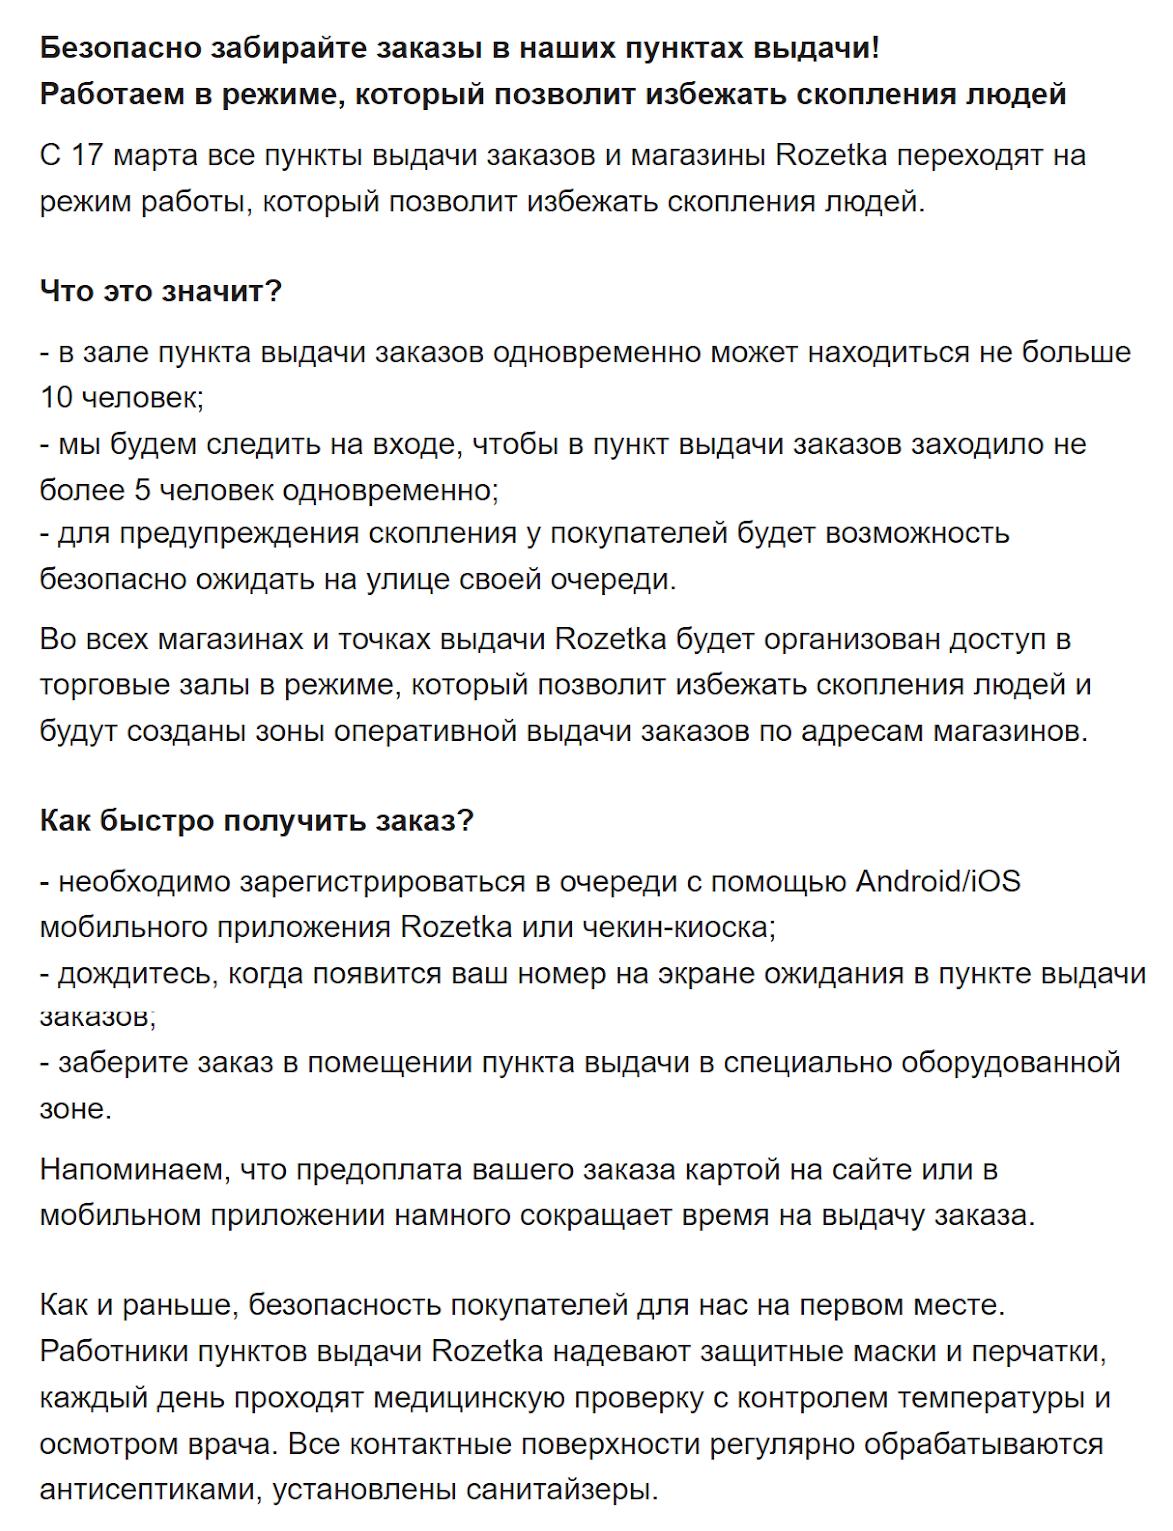 Маркетплейс Rozetka в письме по пунктам объясняет, как изменилась работа отделений и пунктов выдачи, как можно быстро получить свой заказ